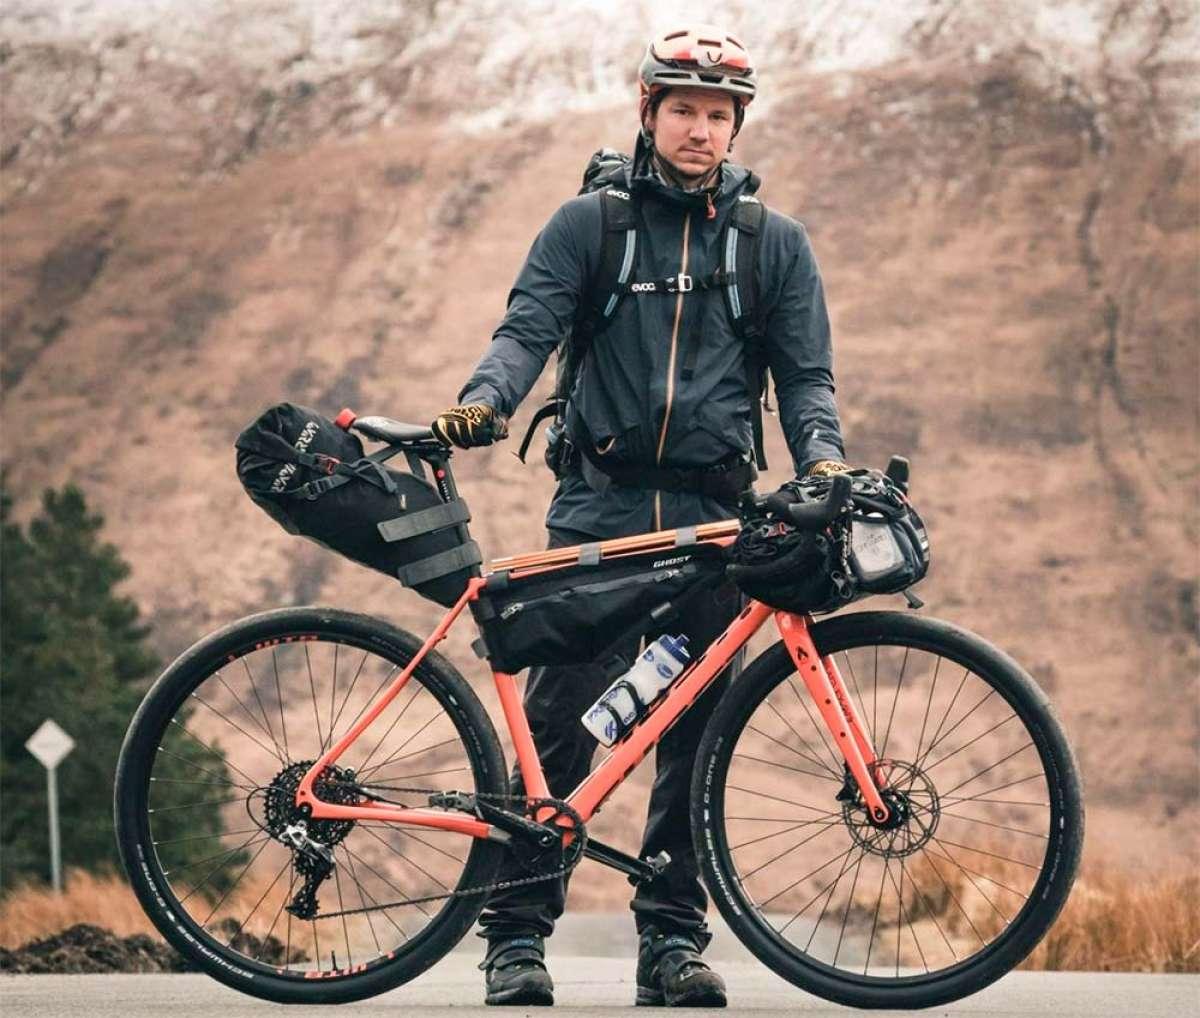 Ghost Fire Road Rage, una bicicleta de Gravel con ruedas de 29 pulgadas para dominar las pistas más difíciles